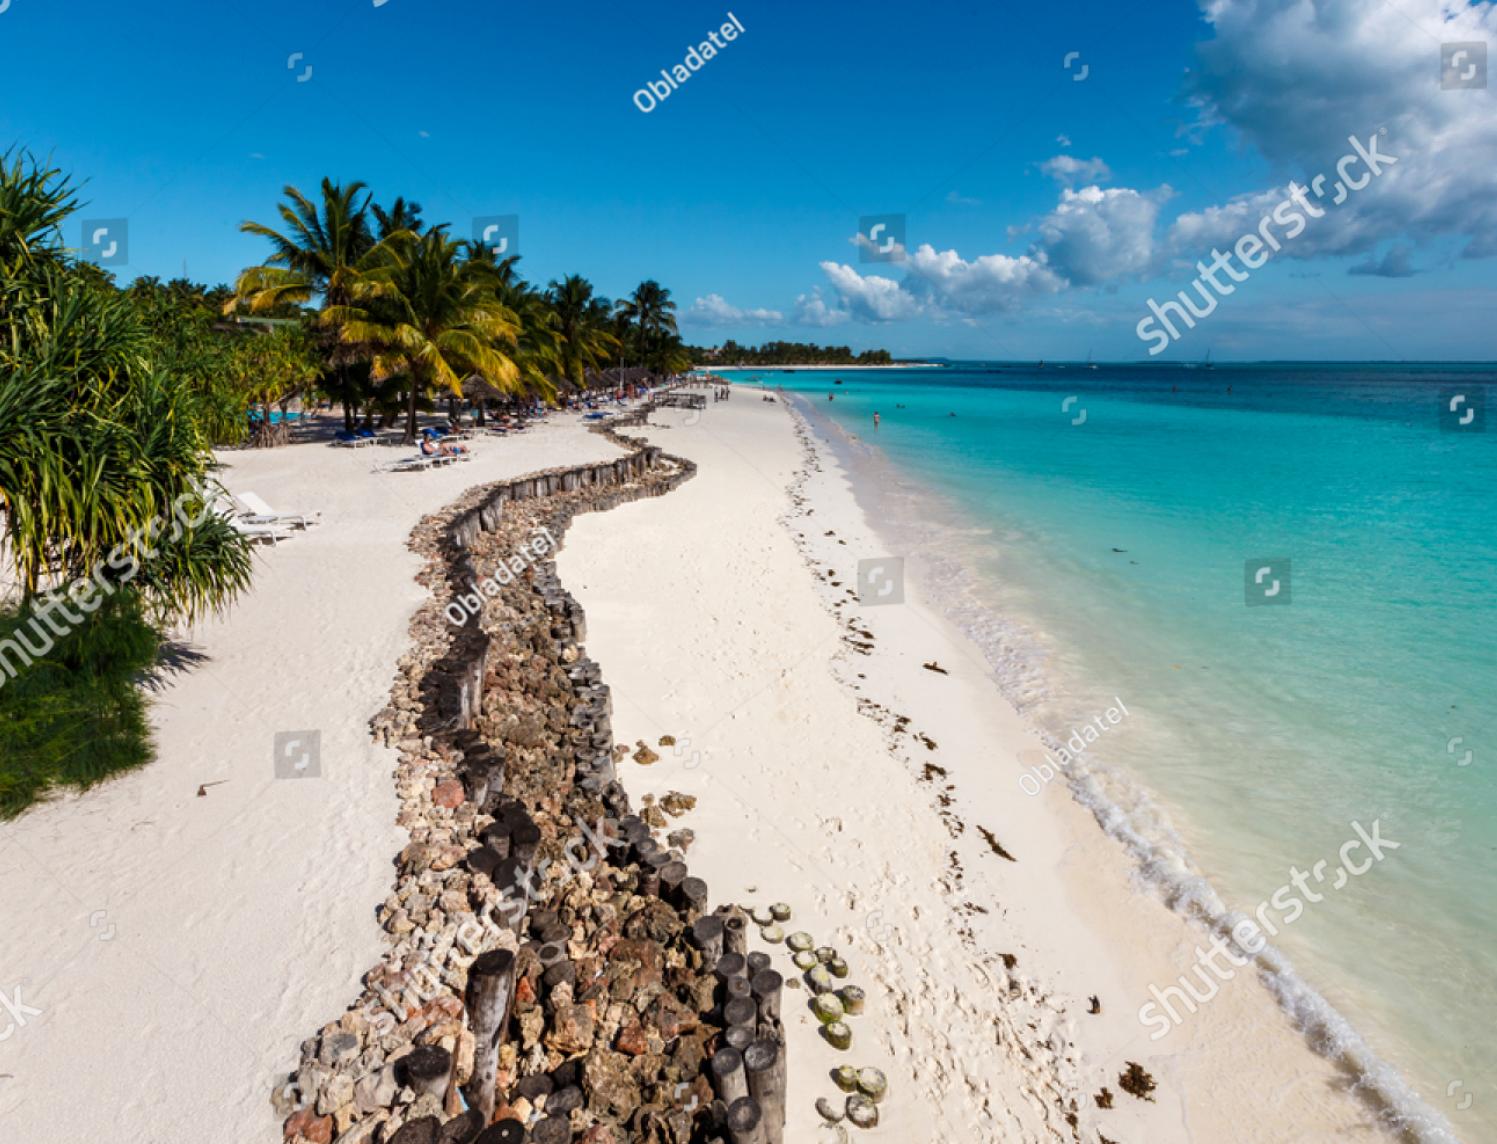 """Пляж отеля Diamonds La Gemma Dell""""Est (за месяц куплена 2 раза)"""